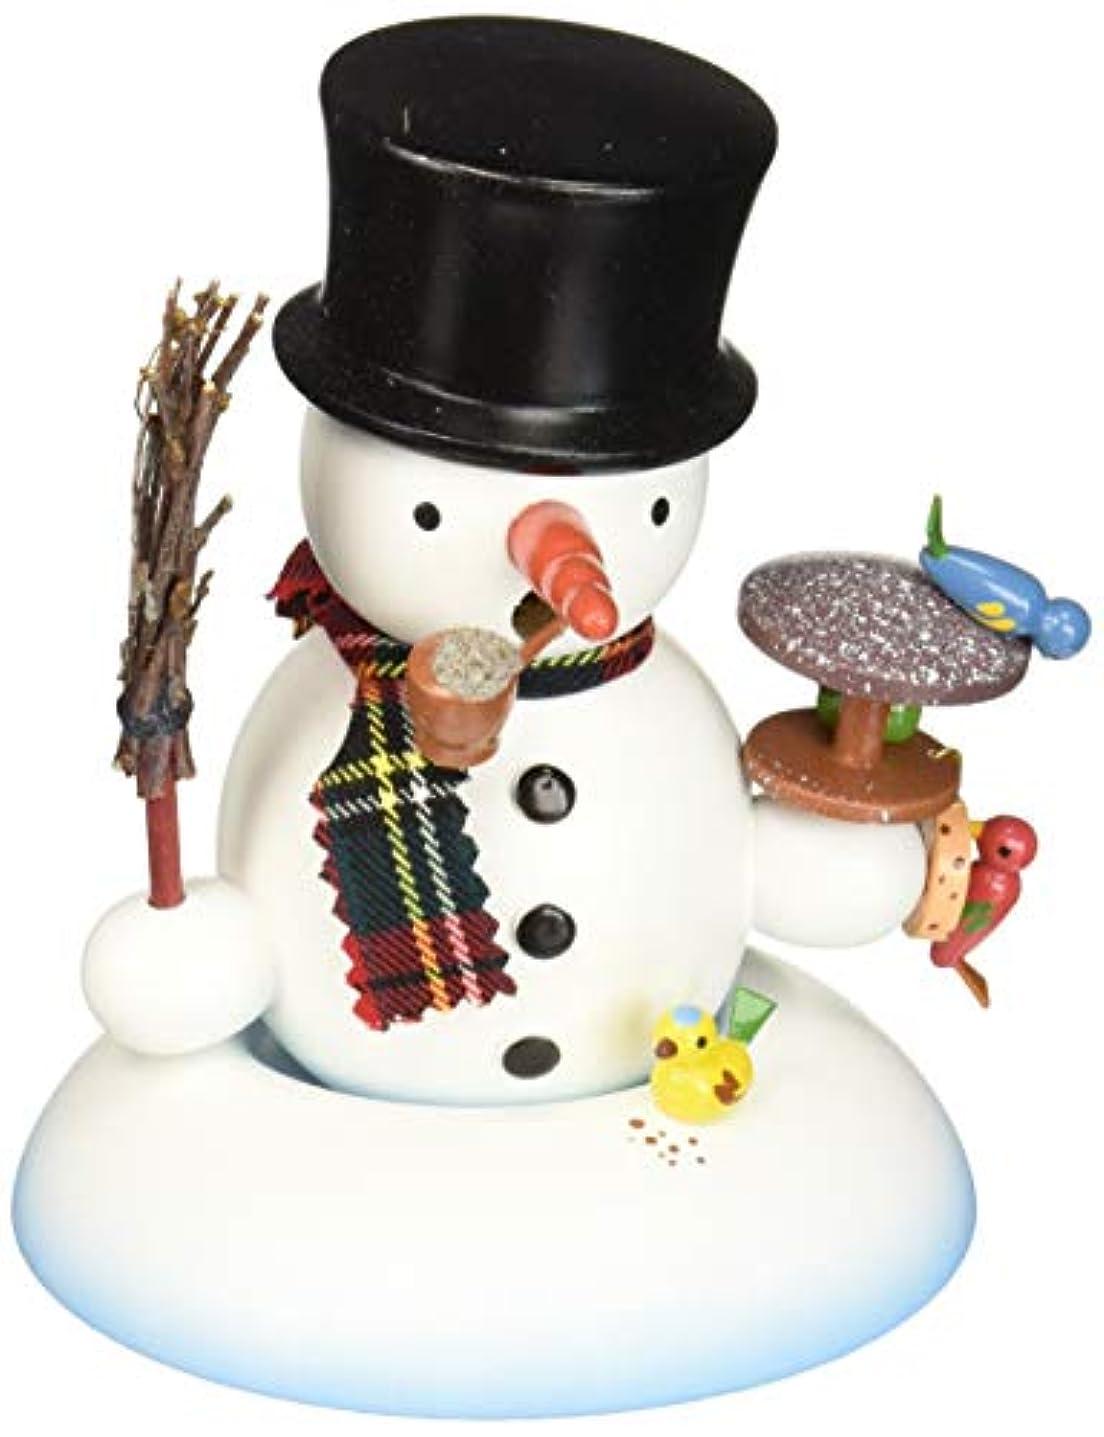 仲介者すなわち苗Alexandor TaronホームDecor Dregeno Snowman with Birds Incense Burner 5.5